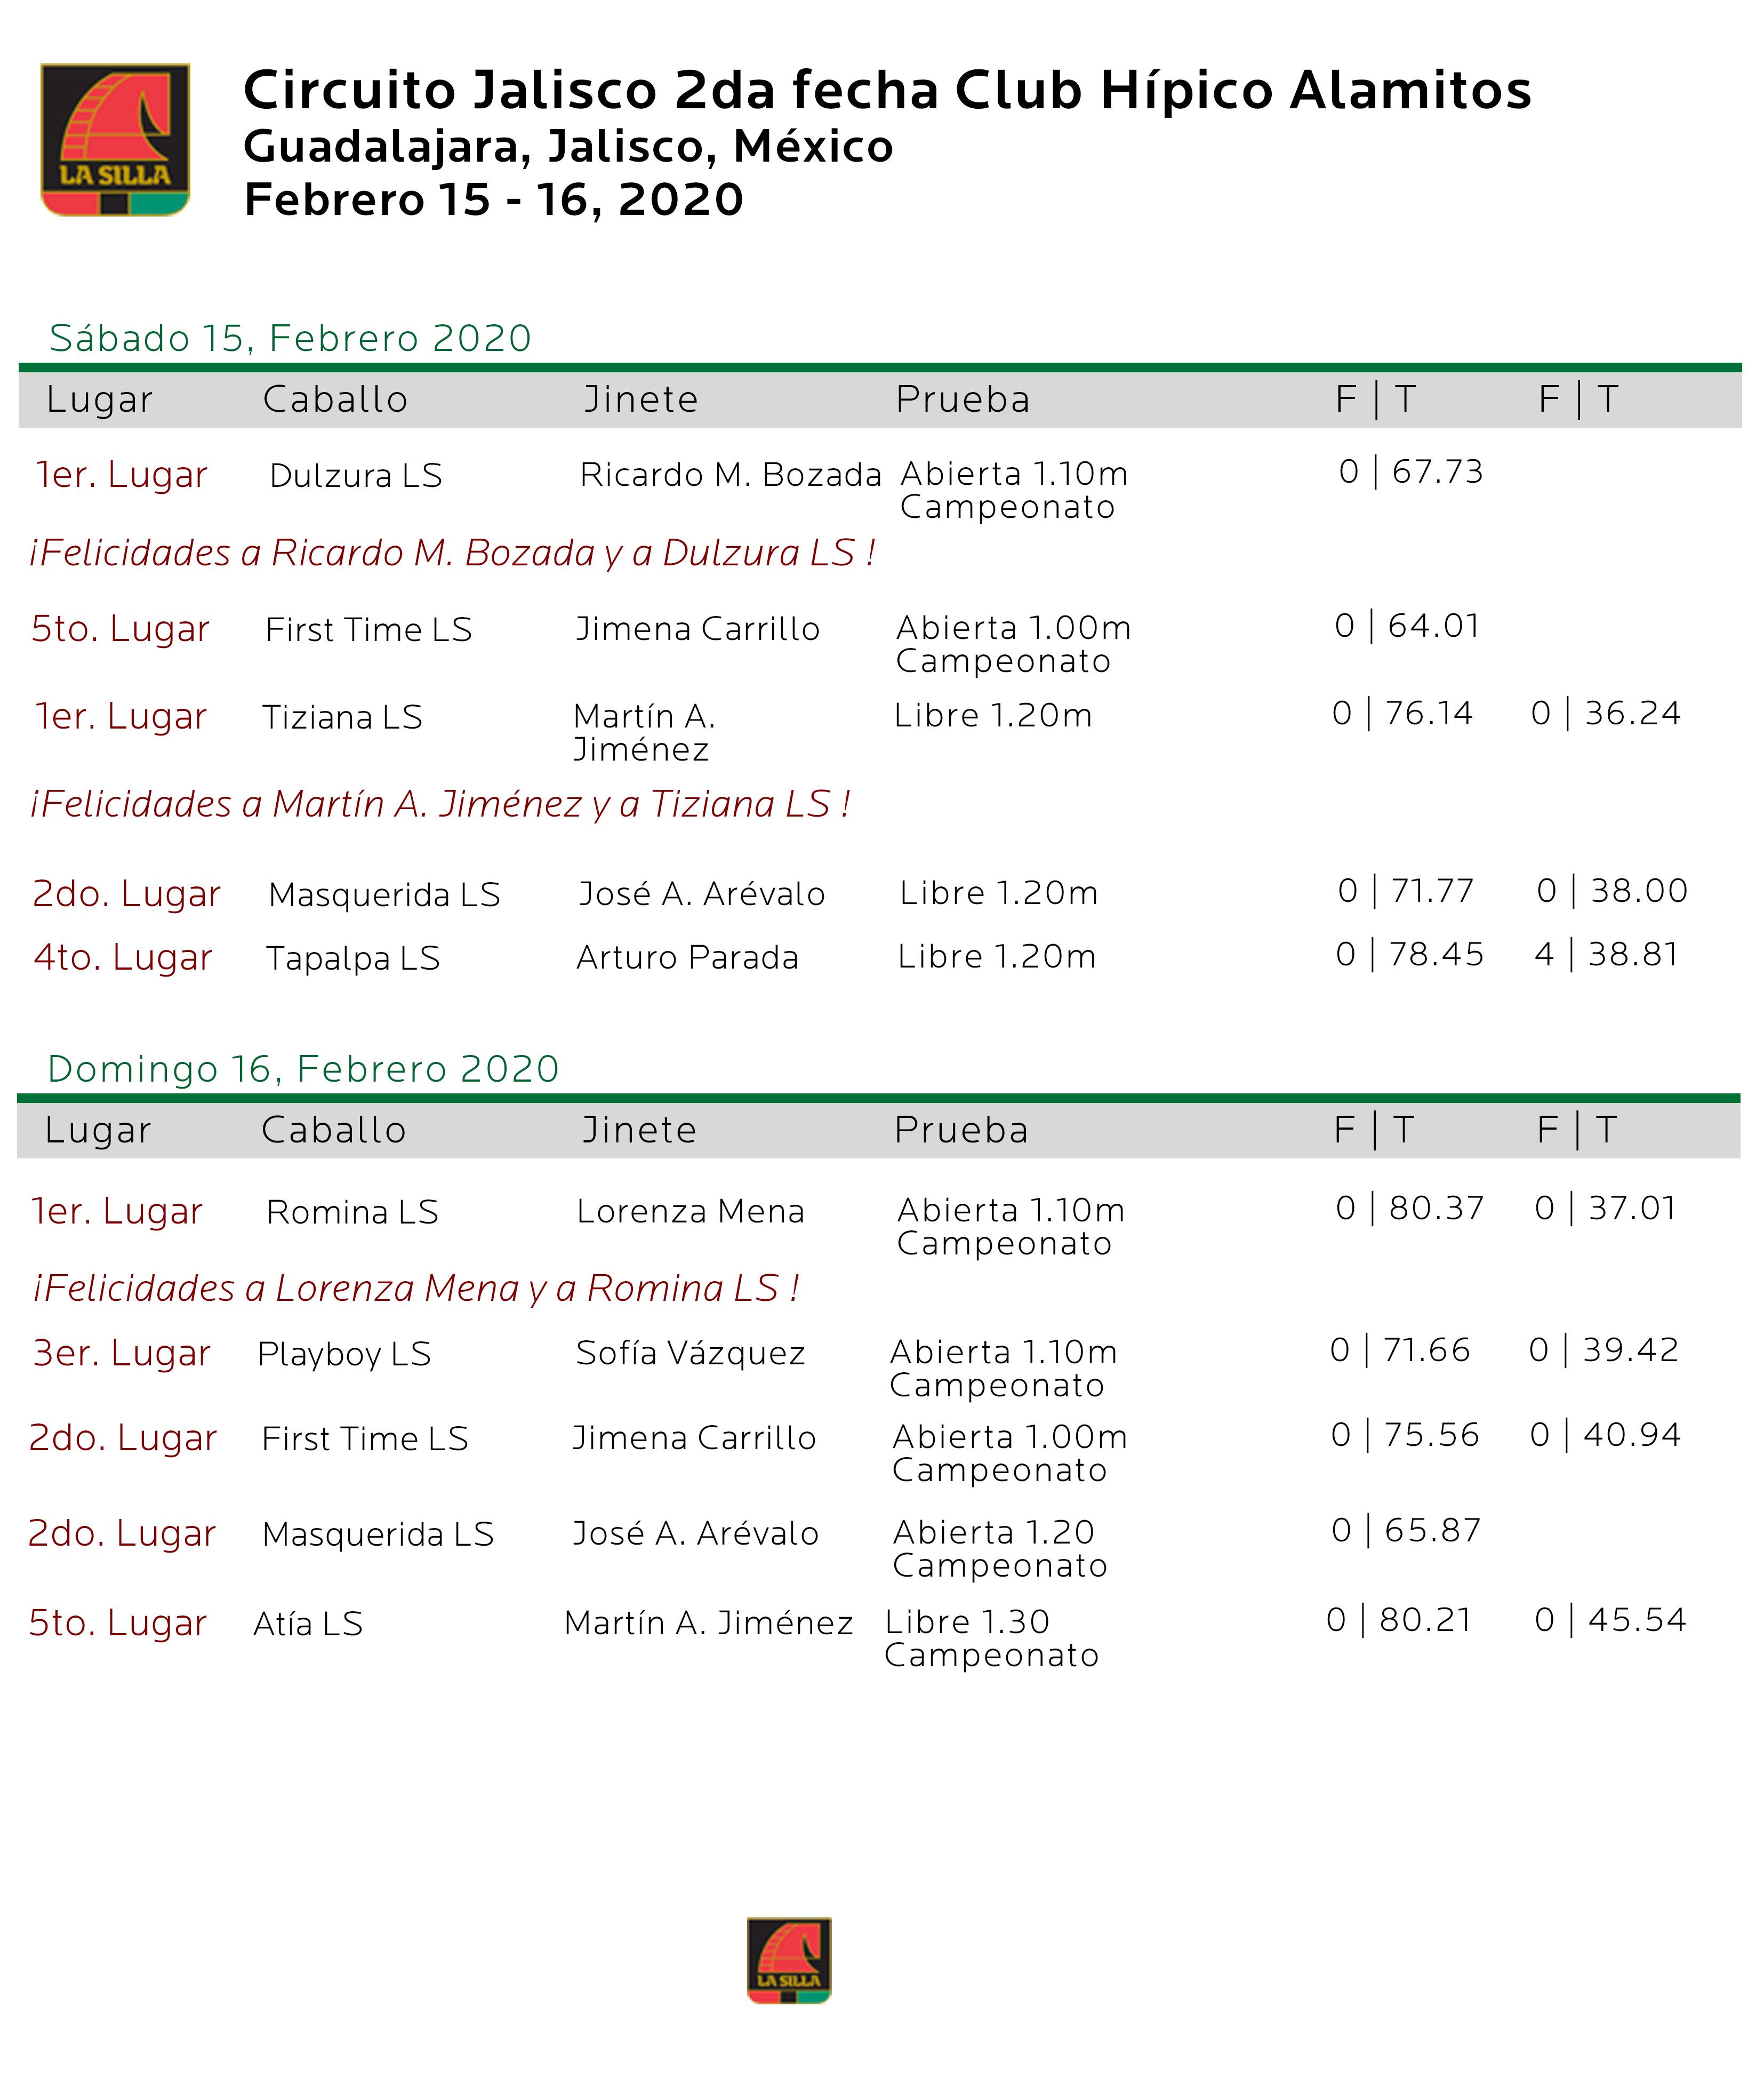 Los-Alamitos-gdl-Feb-15-16-2020